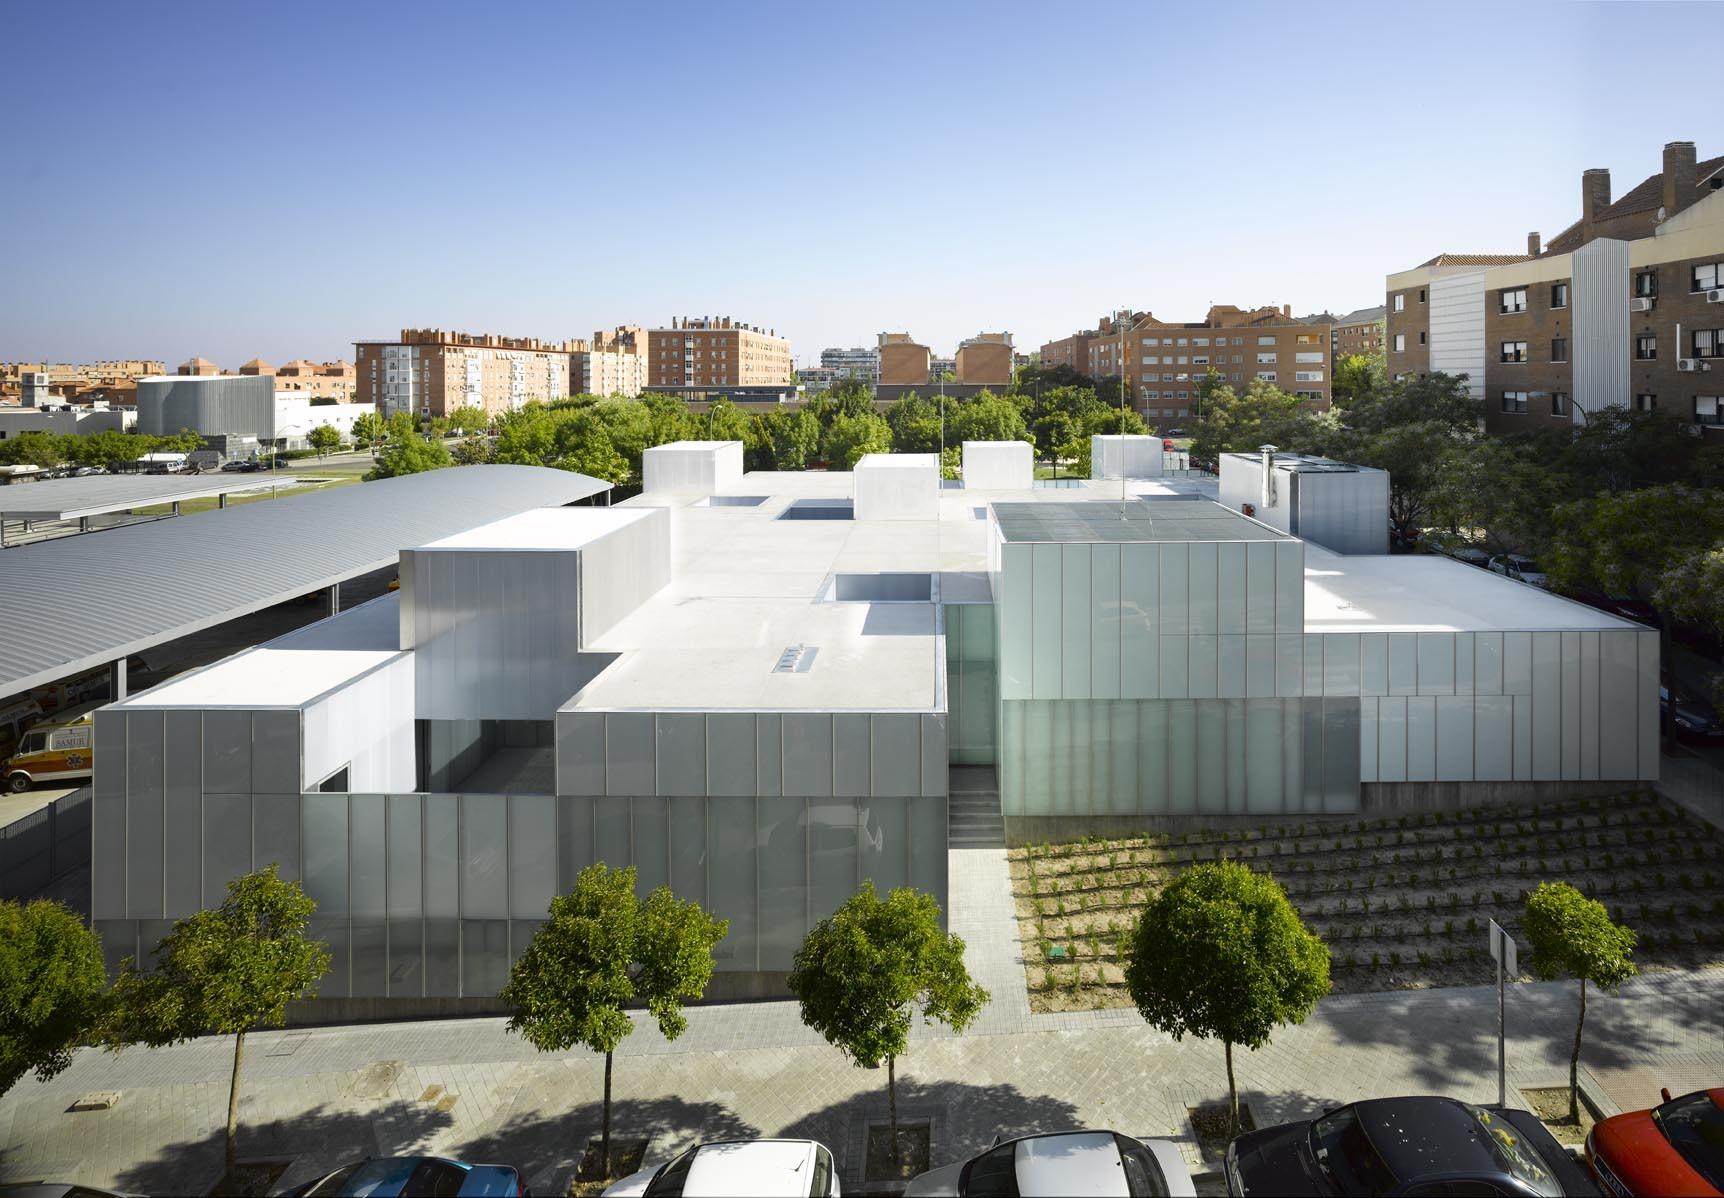 3 Centros Municipales de Salud en Madrid, San Blas + Usera + Villaverde / Estudio Entresitio, © Roland Halbe